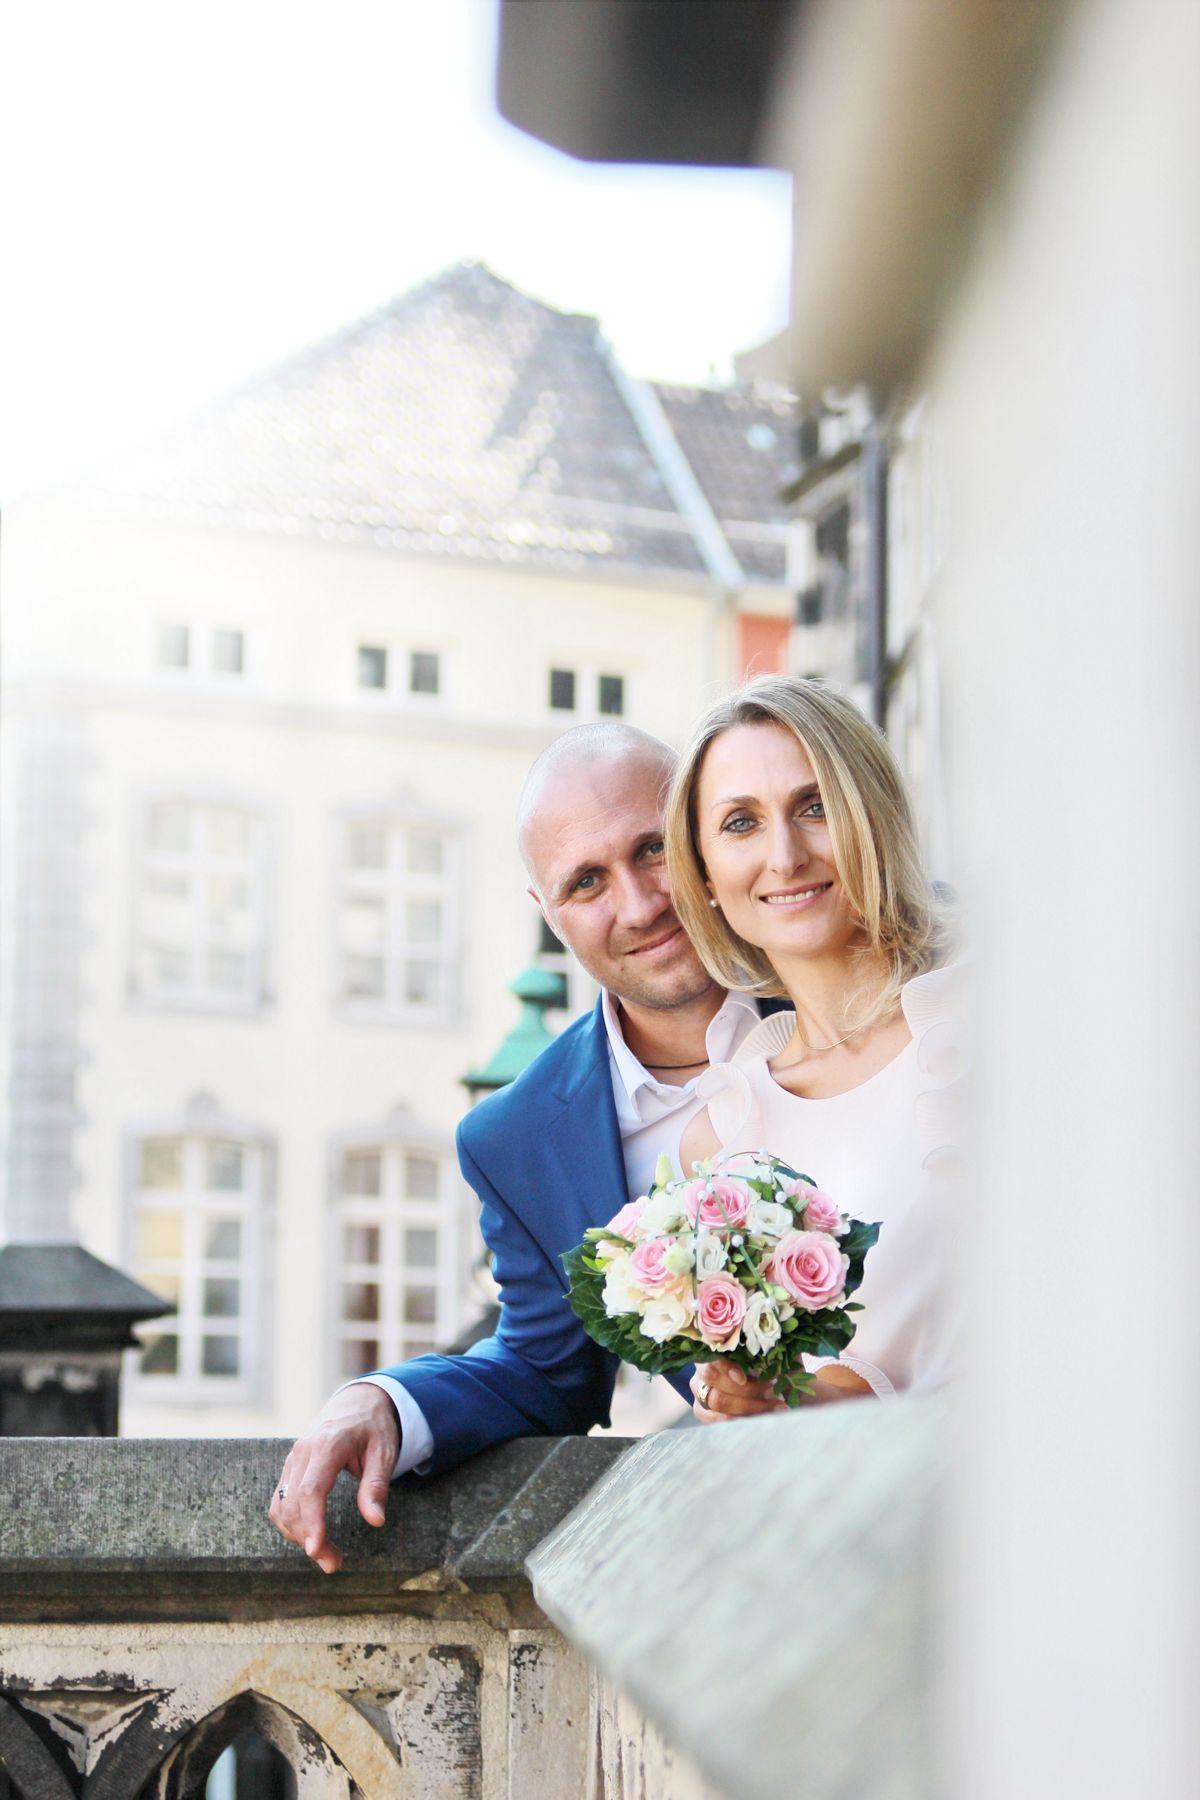 21 in Hochzeit von Dominika & Marcus